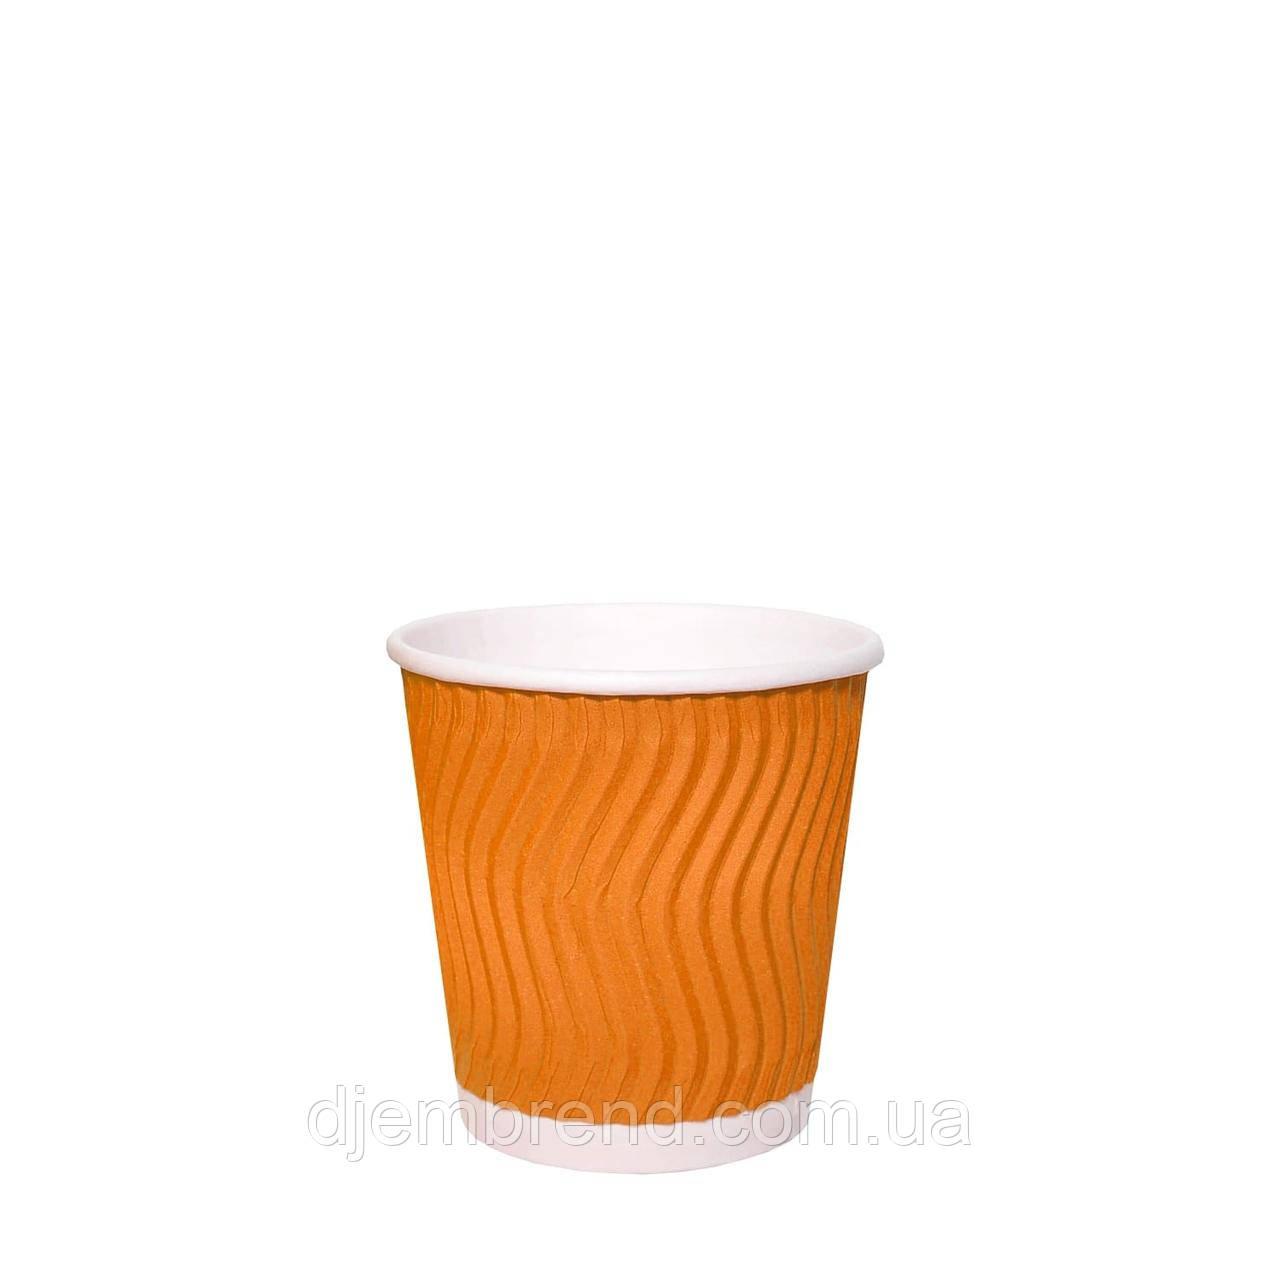 Стакан бумажный гофрированный Оранжевый волна 110мл 30шт/уп (1ящ/48уп/1440шт)